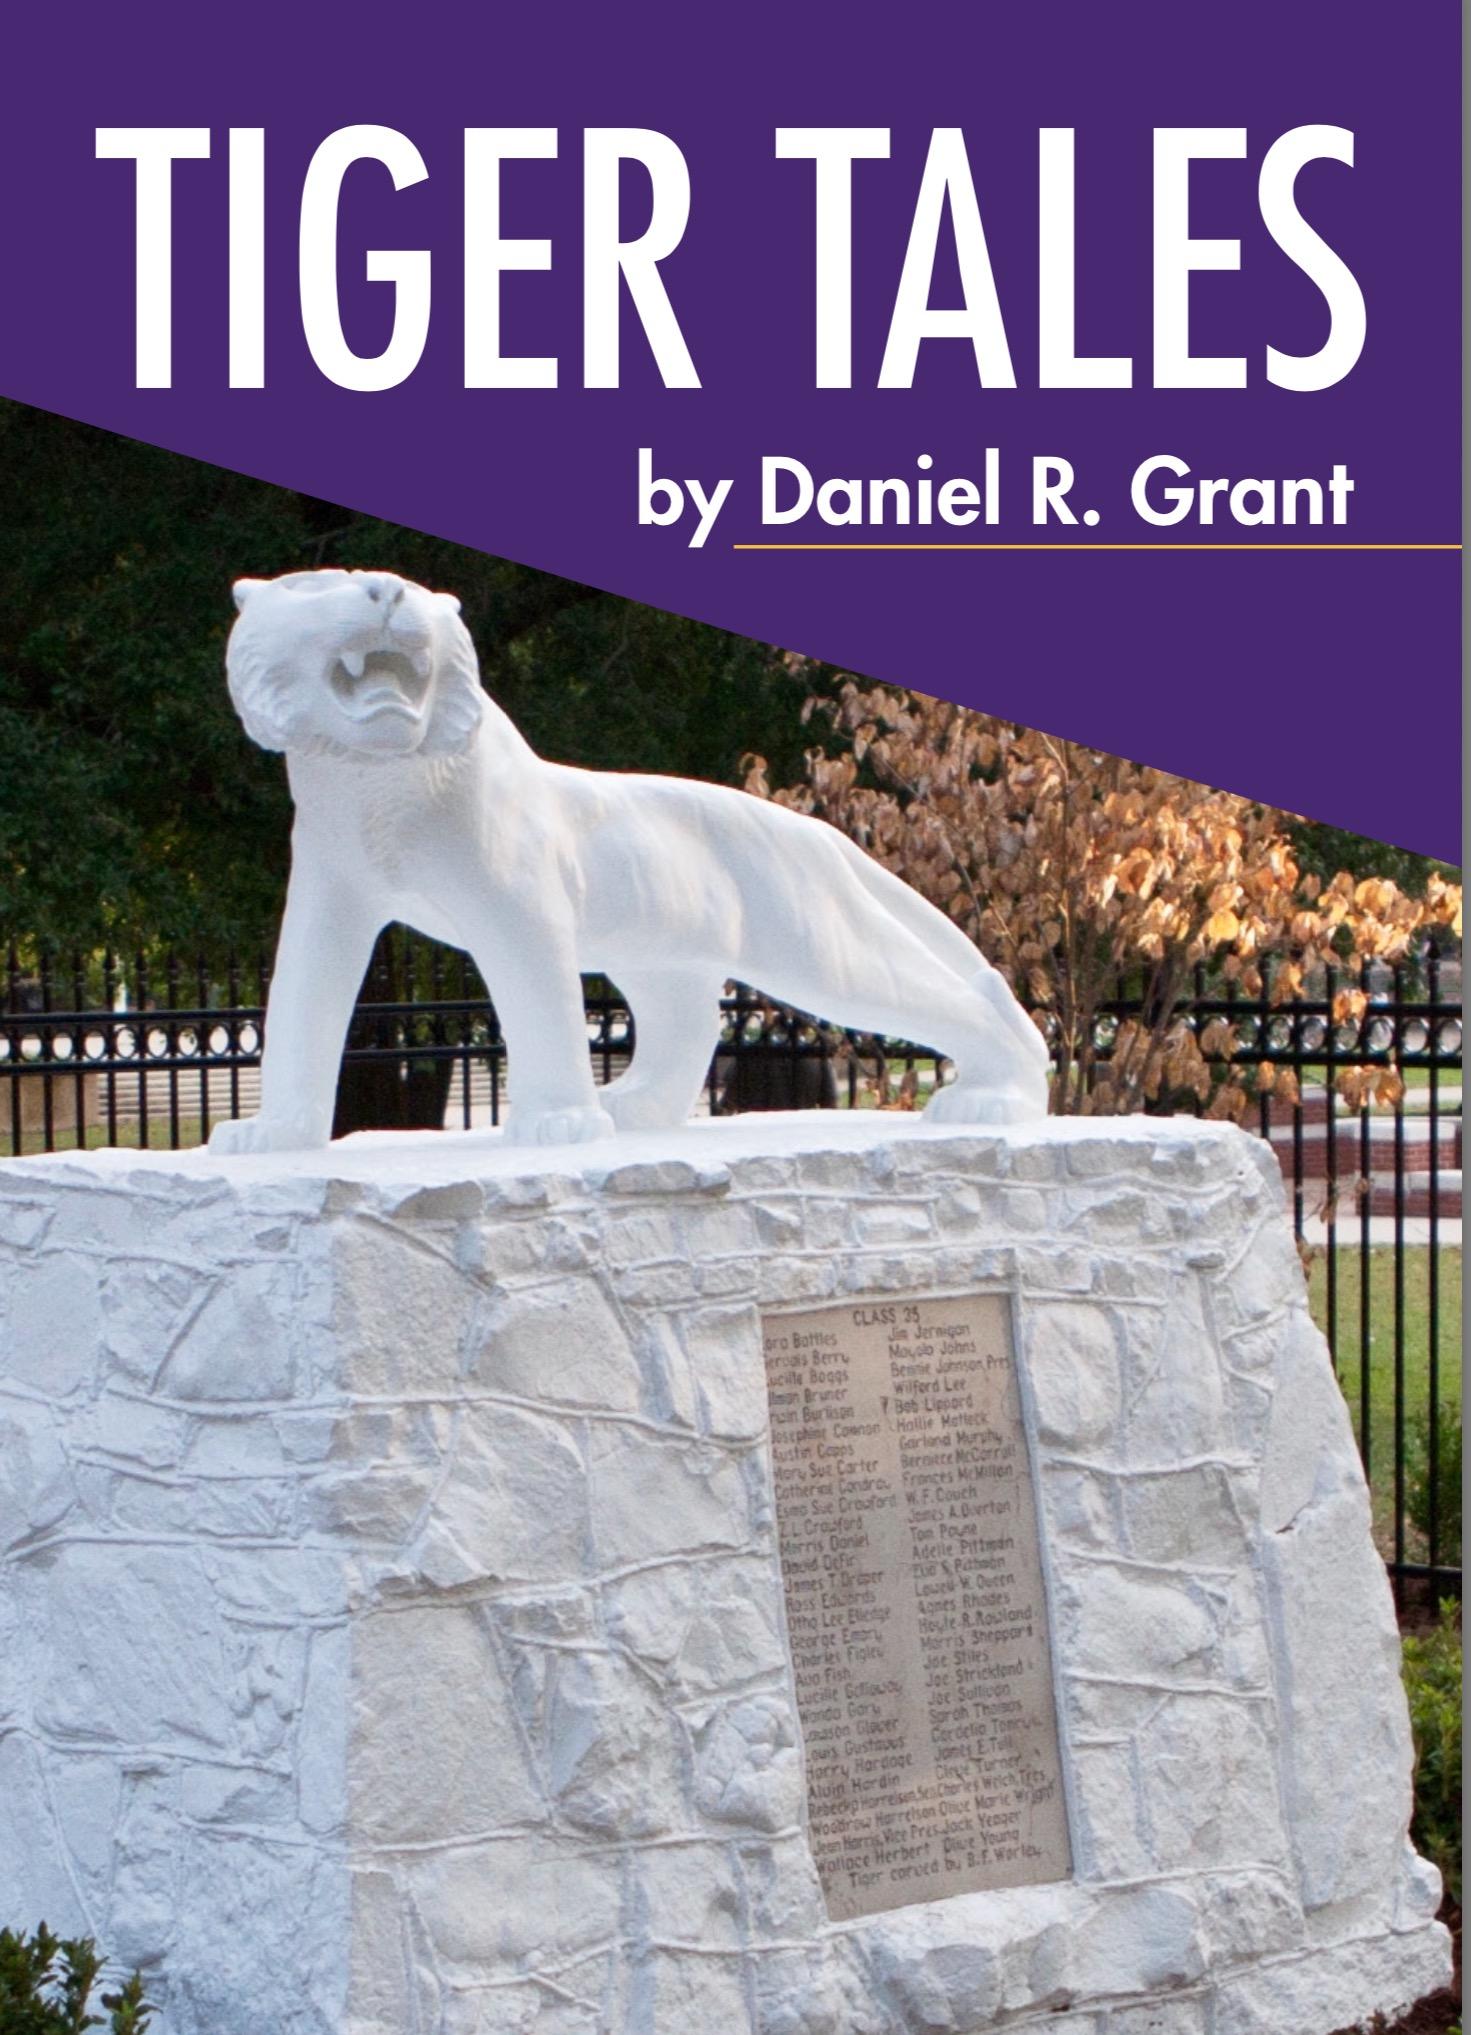 Tiger Tales by Daniel R. Grant